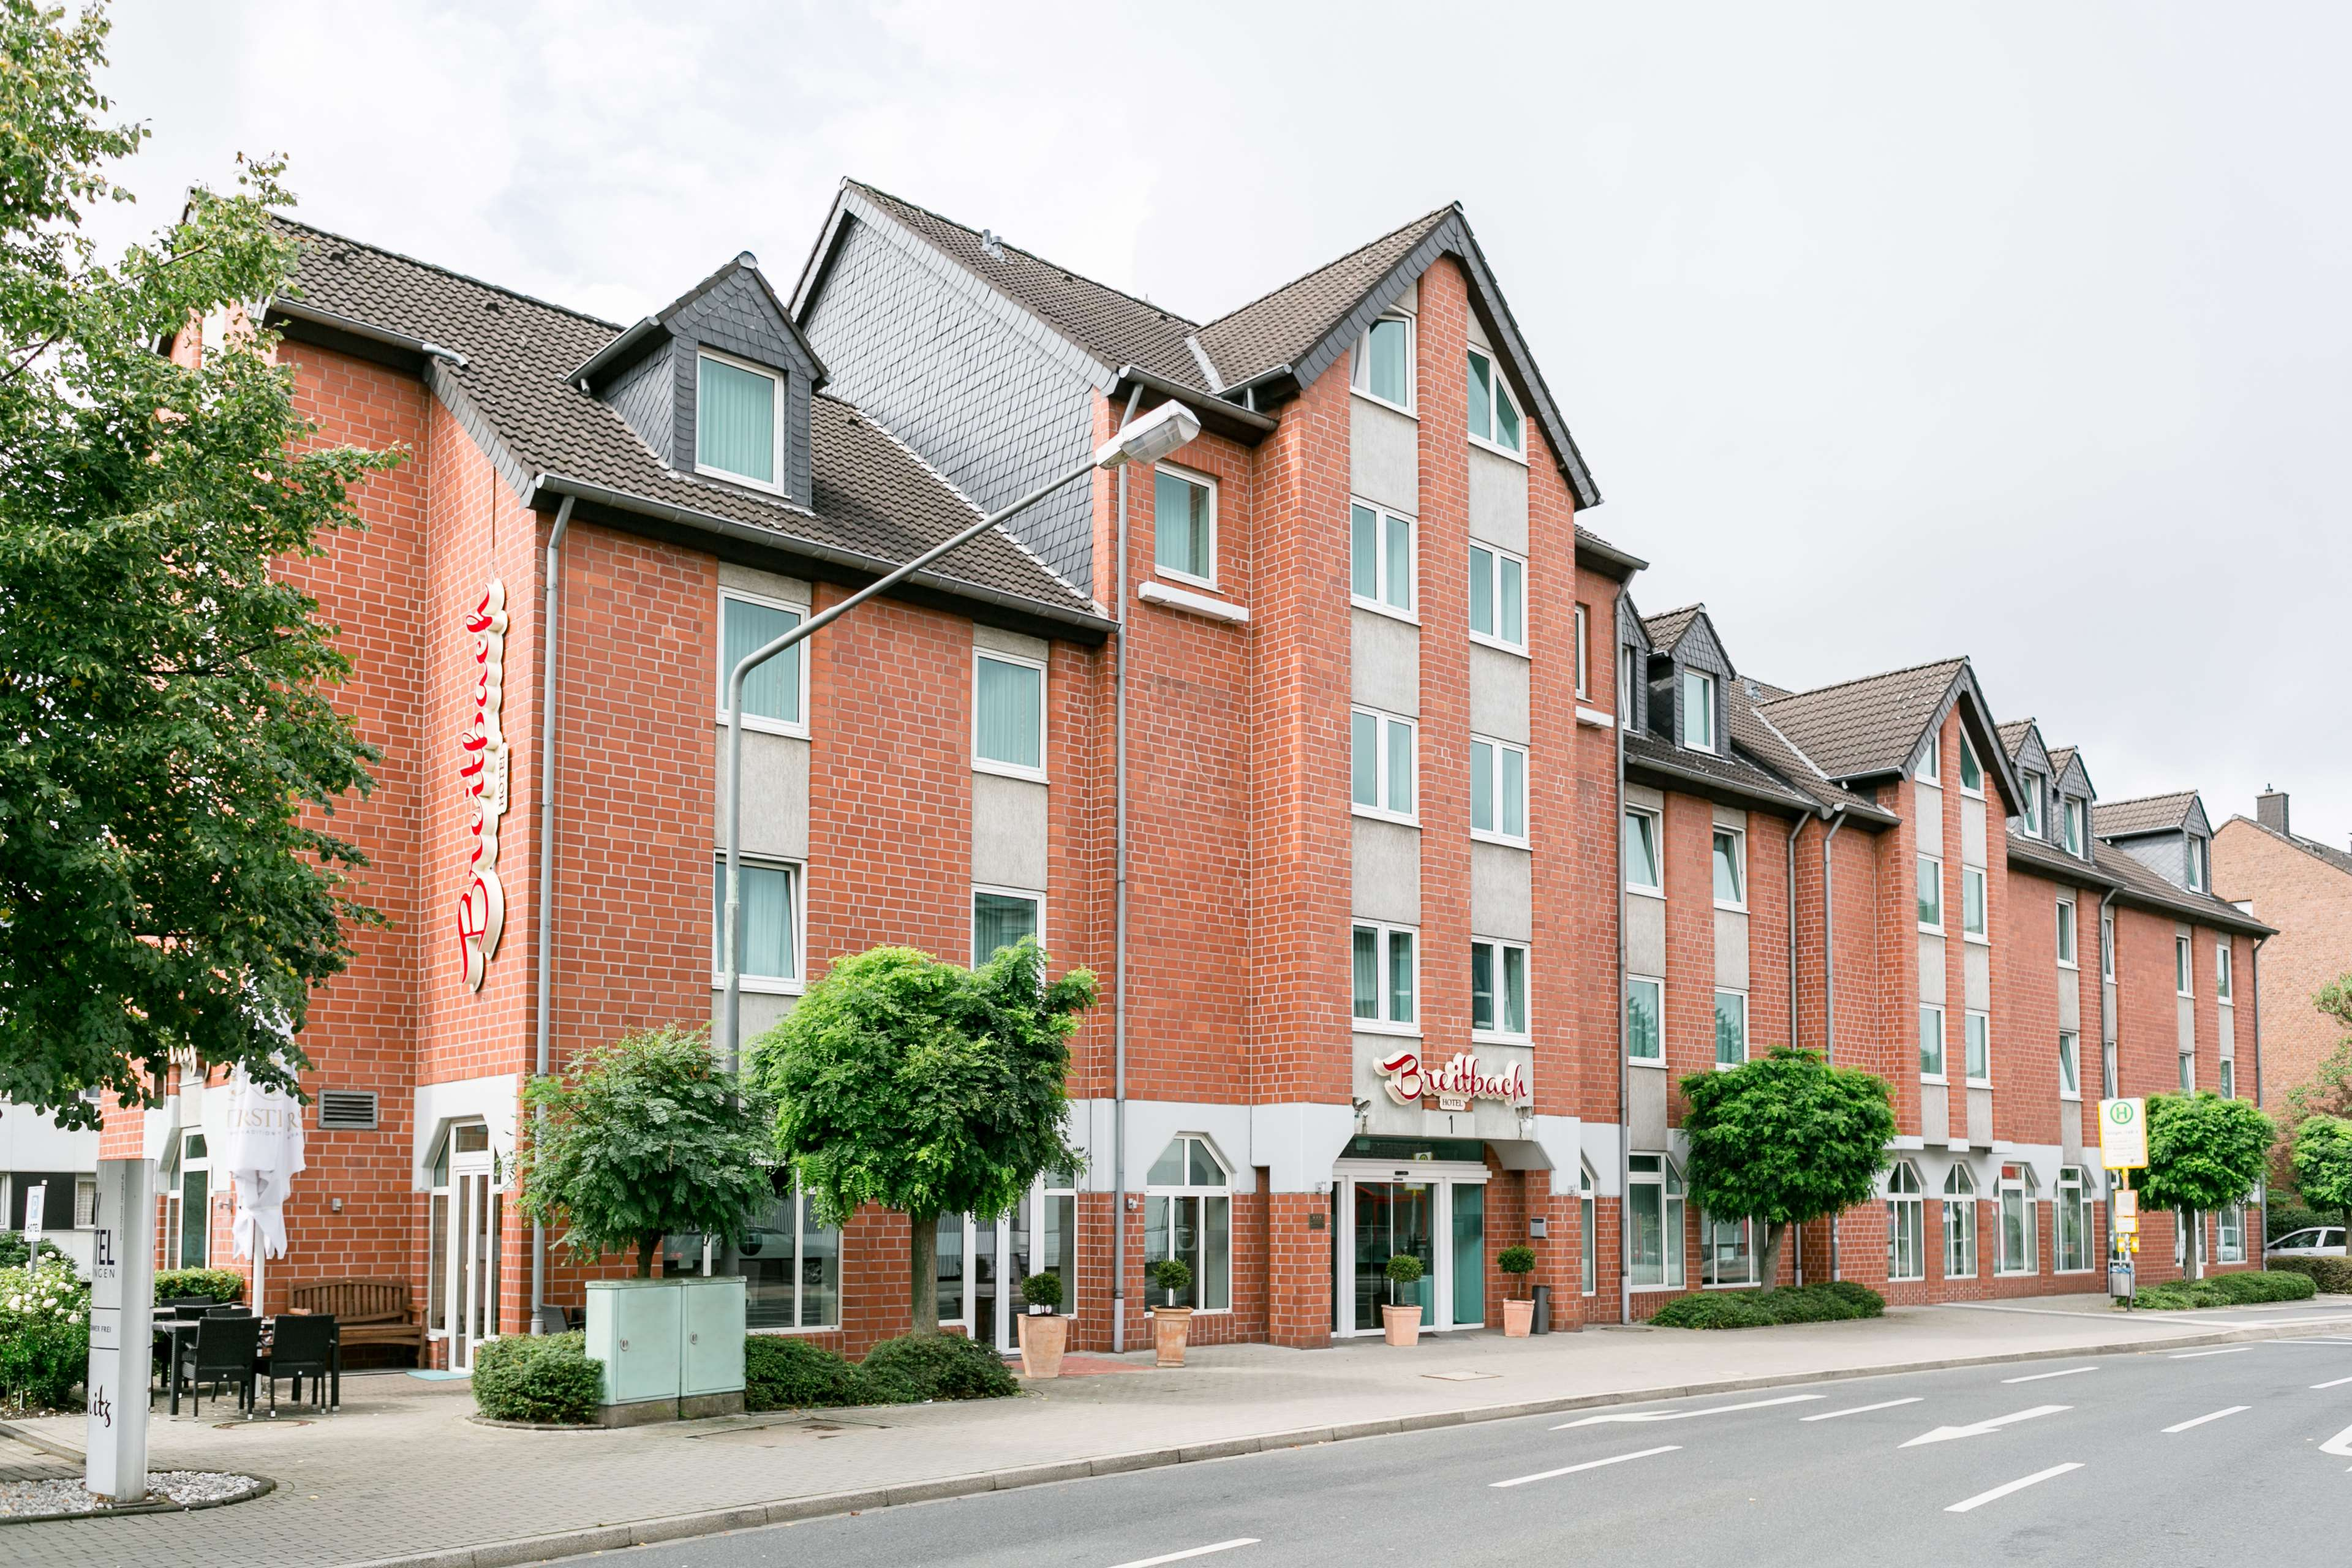 Best Western Hotel Breitbach, Stadionring 1 in Ratingen